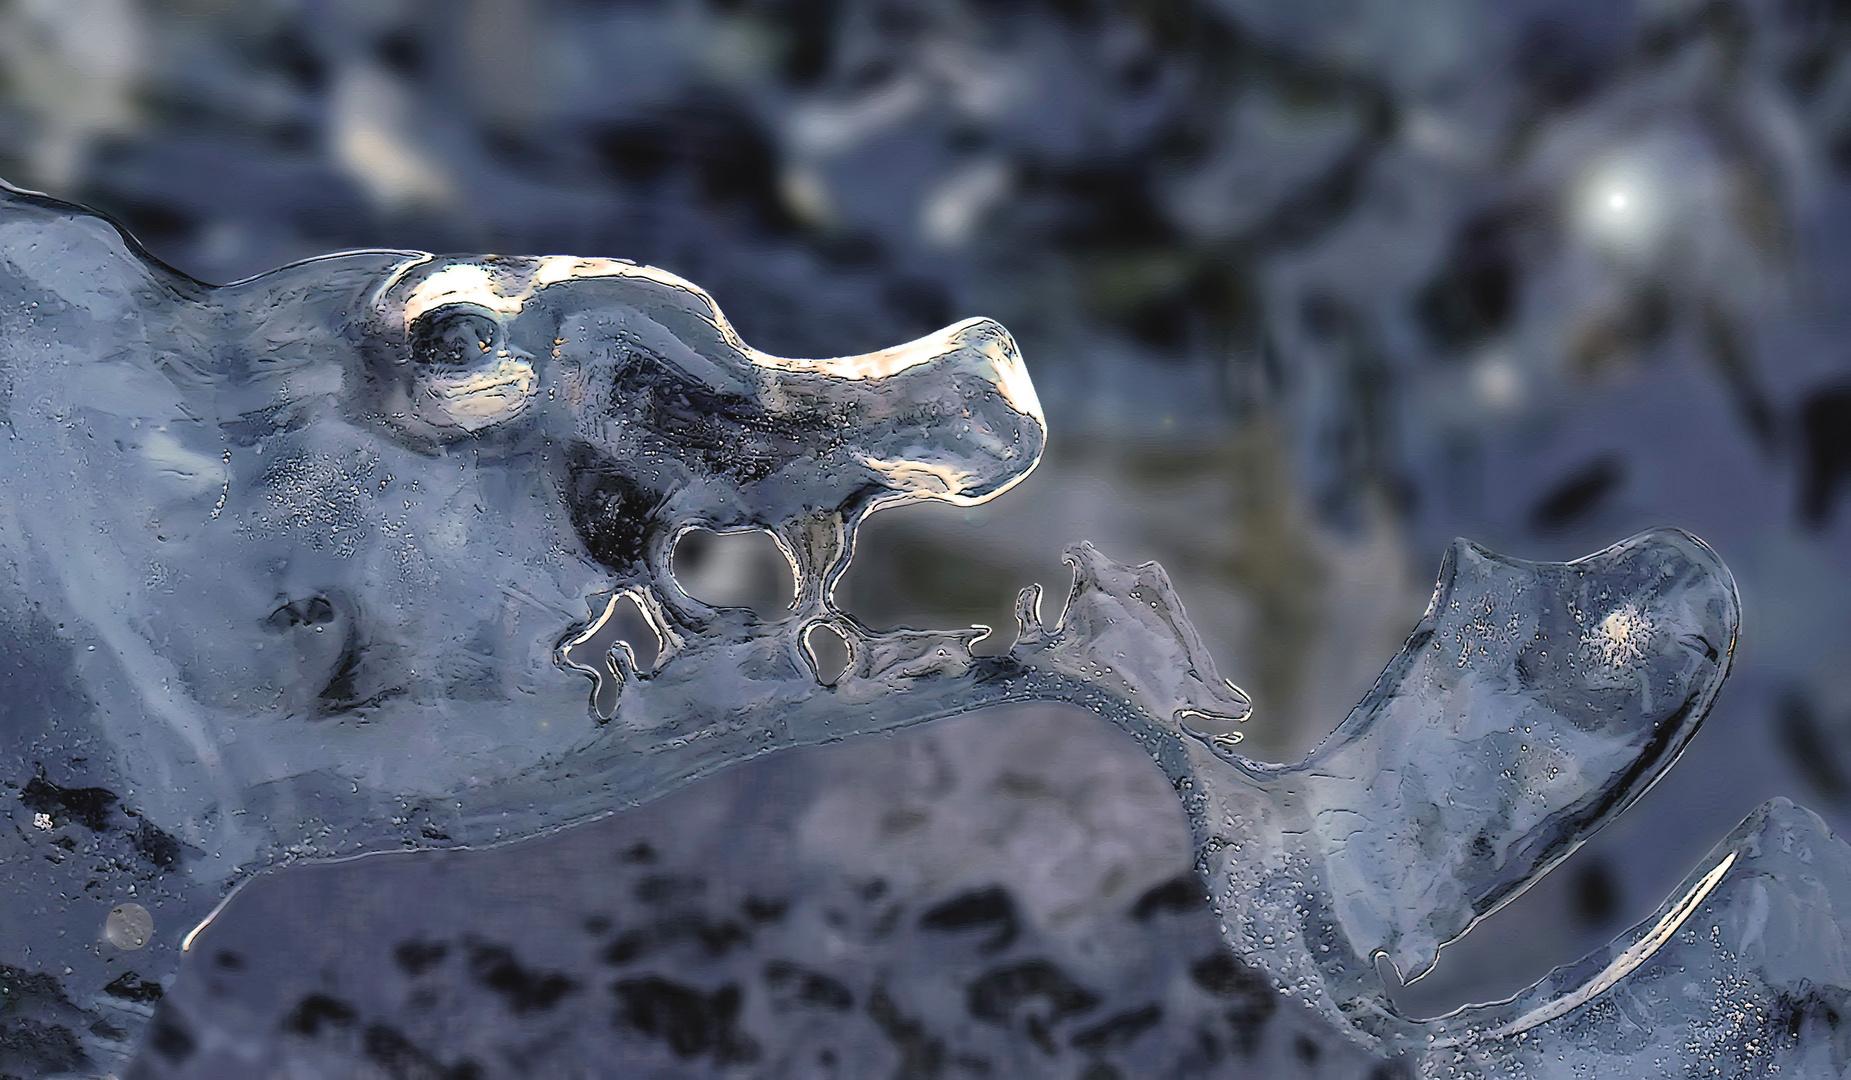 In der Eis-Tierwelt sind unzählige Tierarten vertreten! - Des habitants du monde glacial...